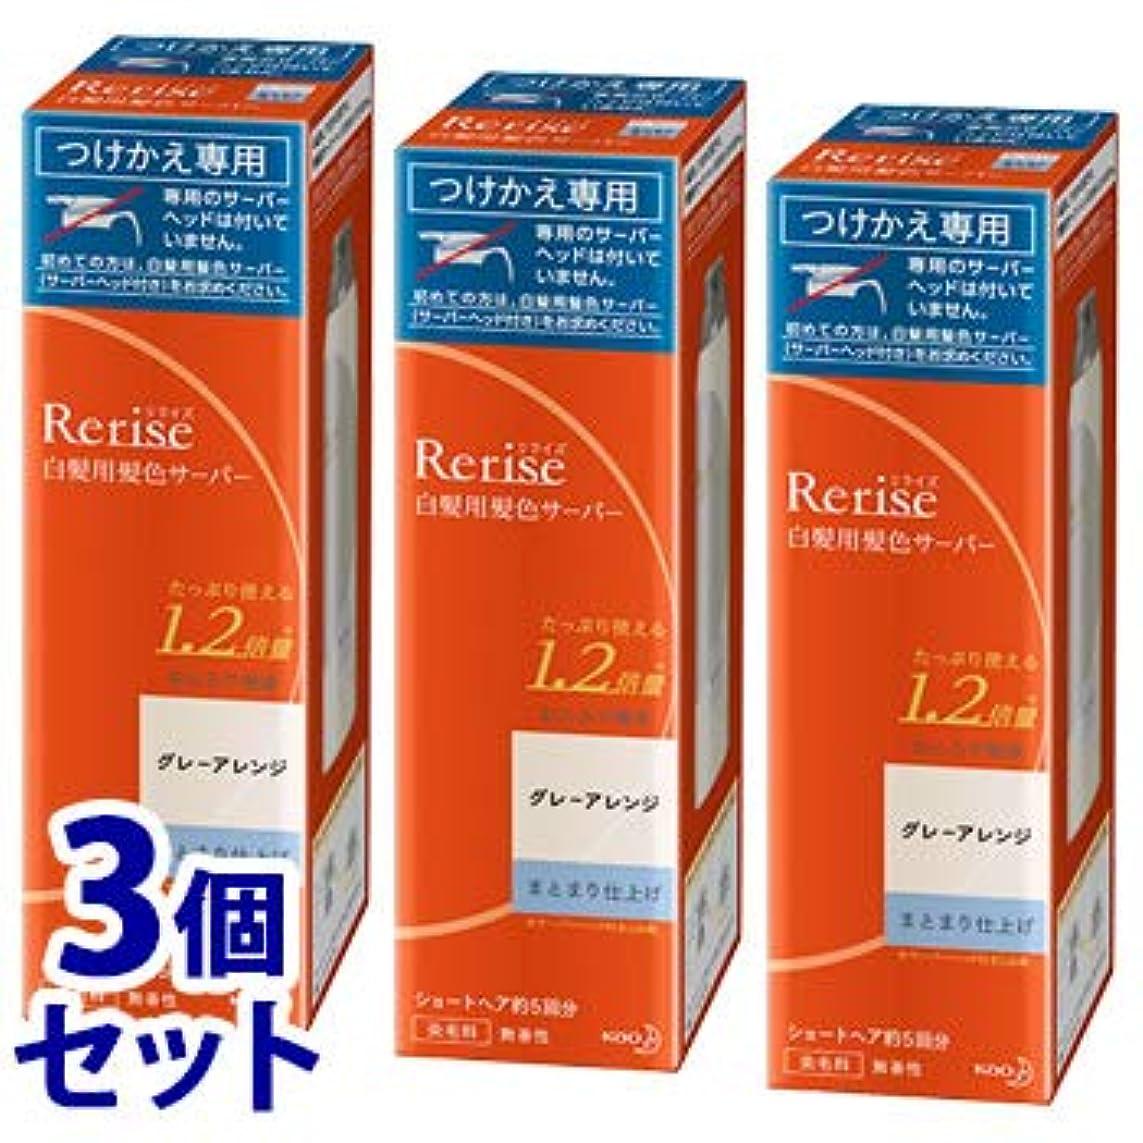 炭水化物ブローホール差し控える《セット販売》 花王 リライズ 白髪用髪色サーバー グレーアレンジ まとまり仕上げ つけかえ用 (190g)×3個セット 付け替え用 染毛料